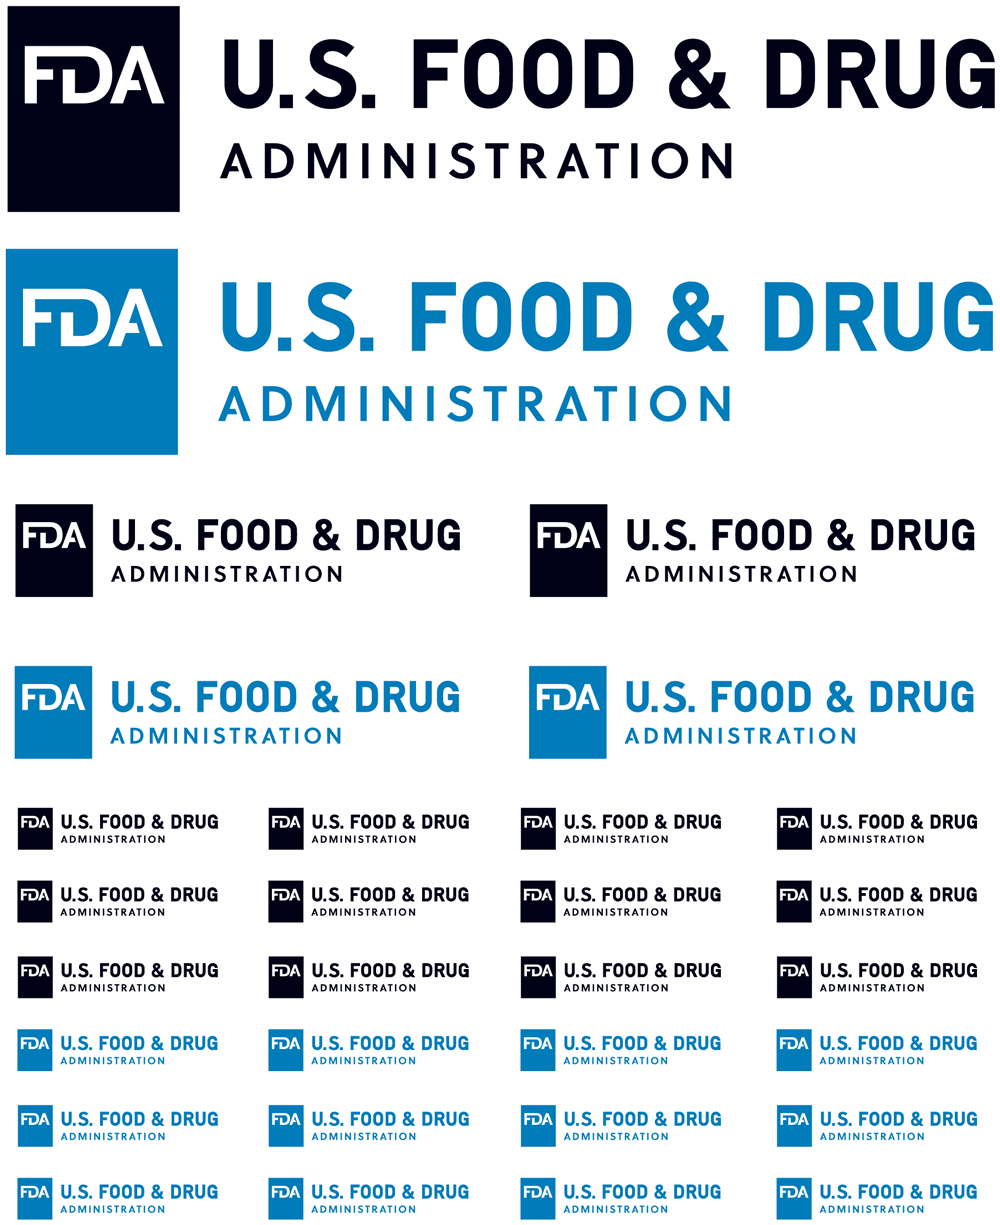 New Logo for FDA